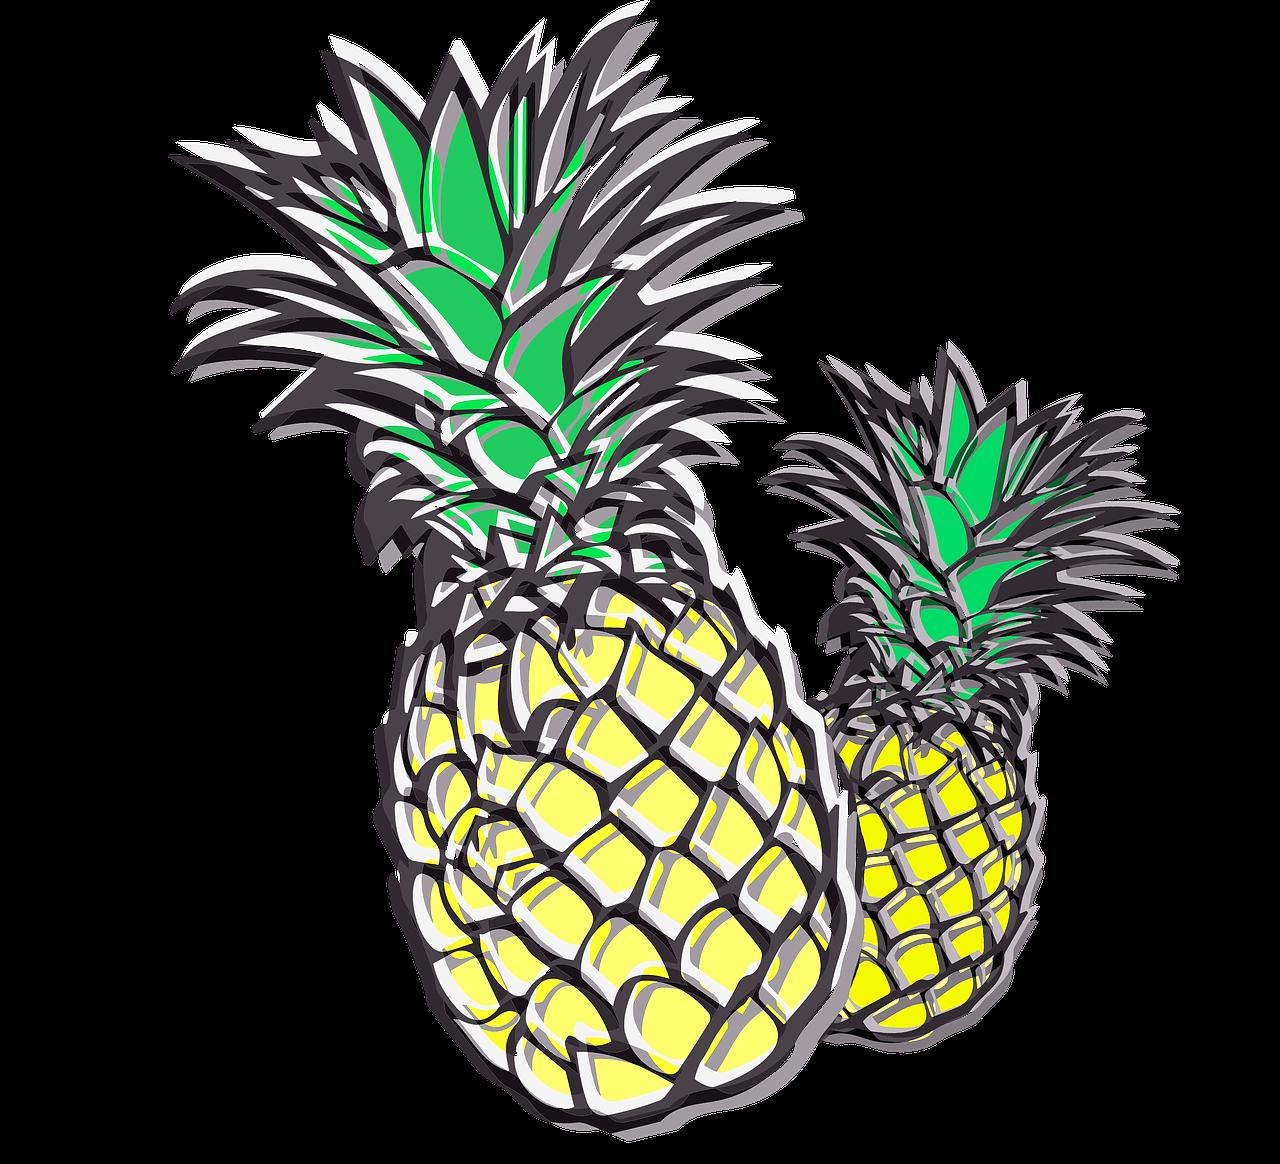 том, ананасы картинки на английском плюшевых помпонов